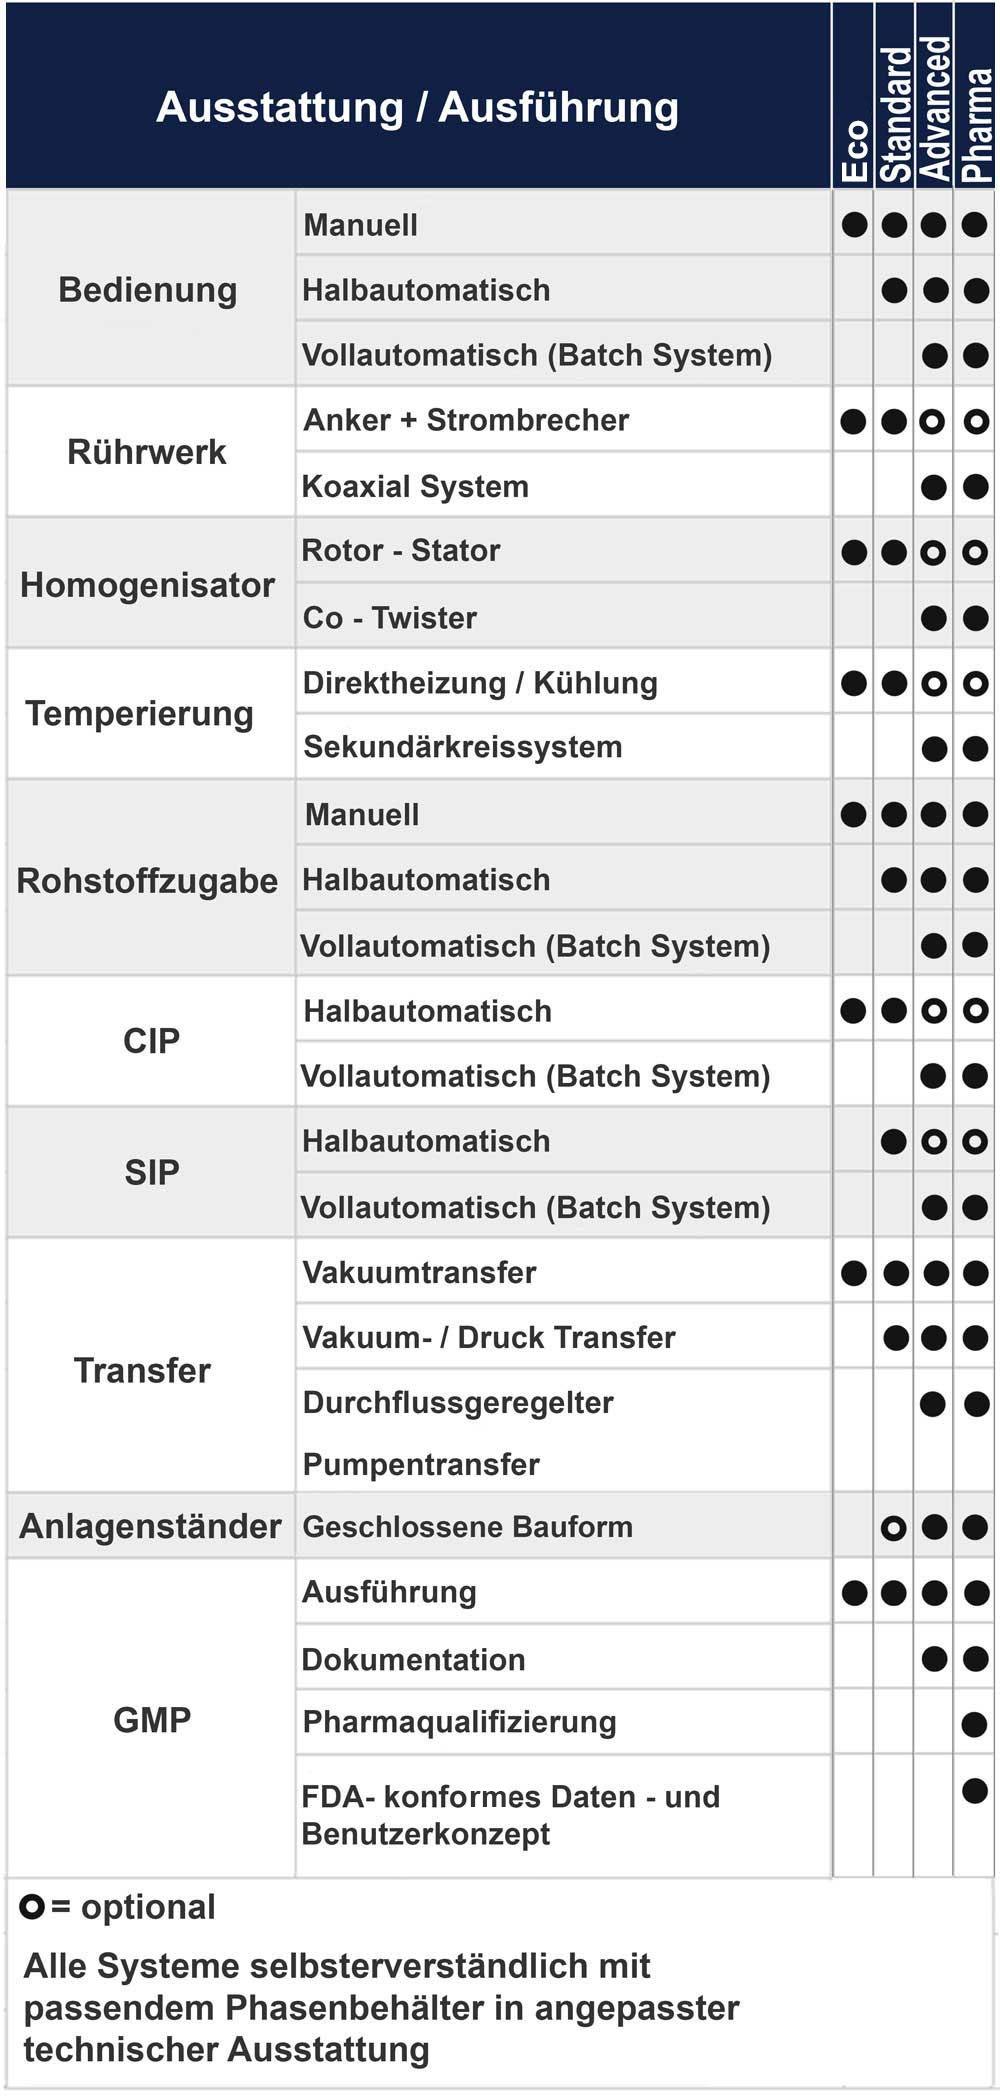 tabelle22 2 1 - Produkte